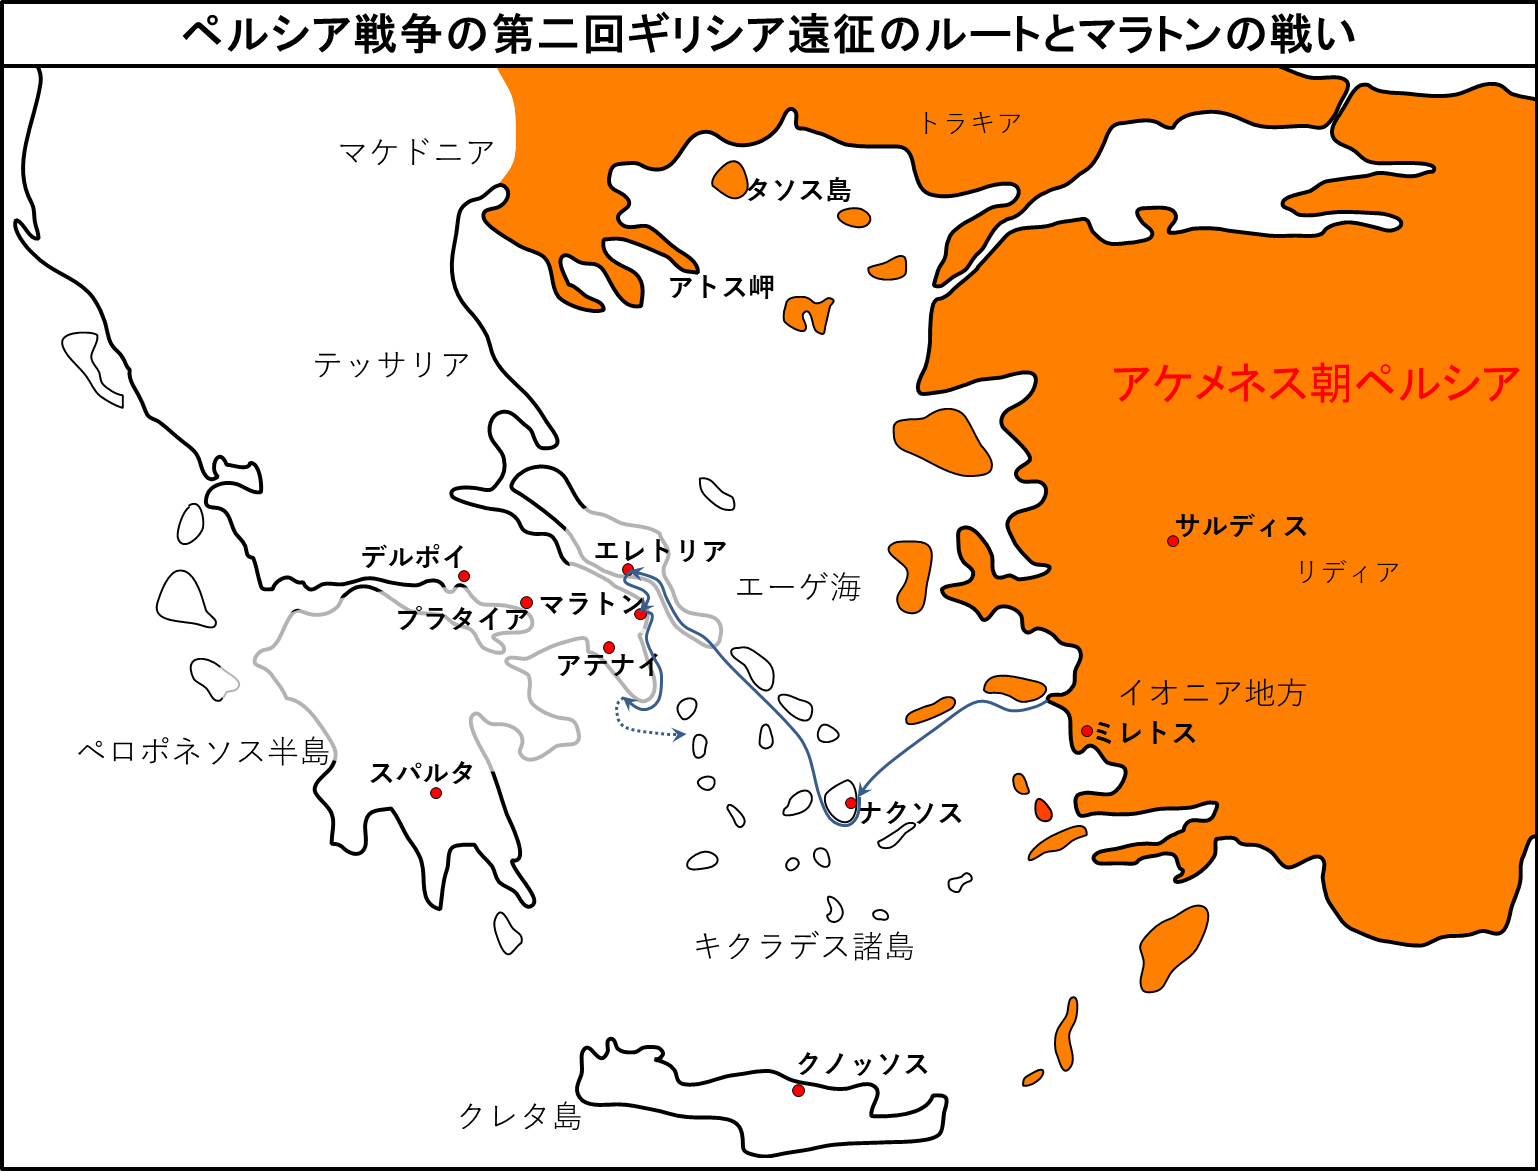 ペルシア戦争の第二回ギリシア遠征のルートとマラトンの戦い